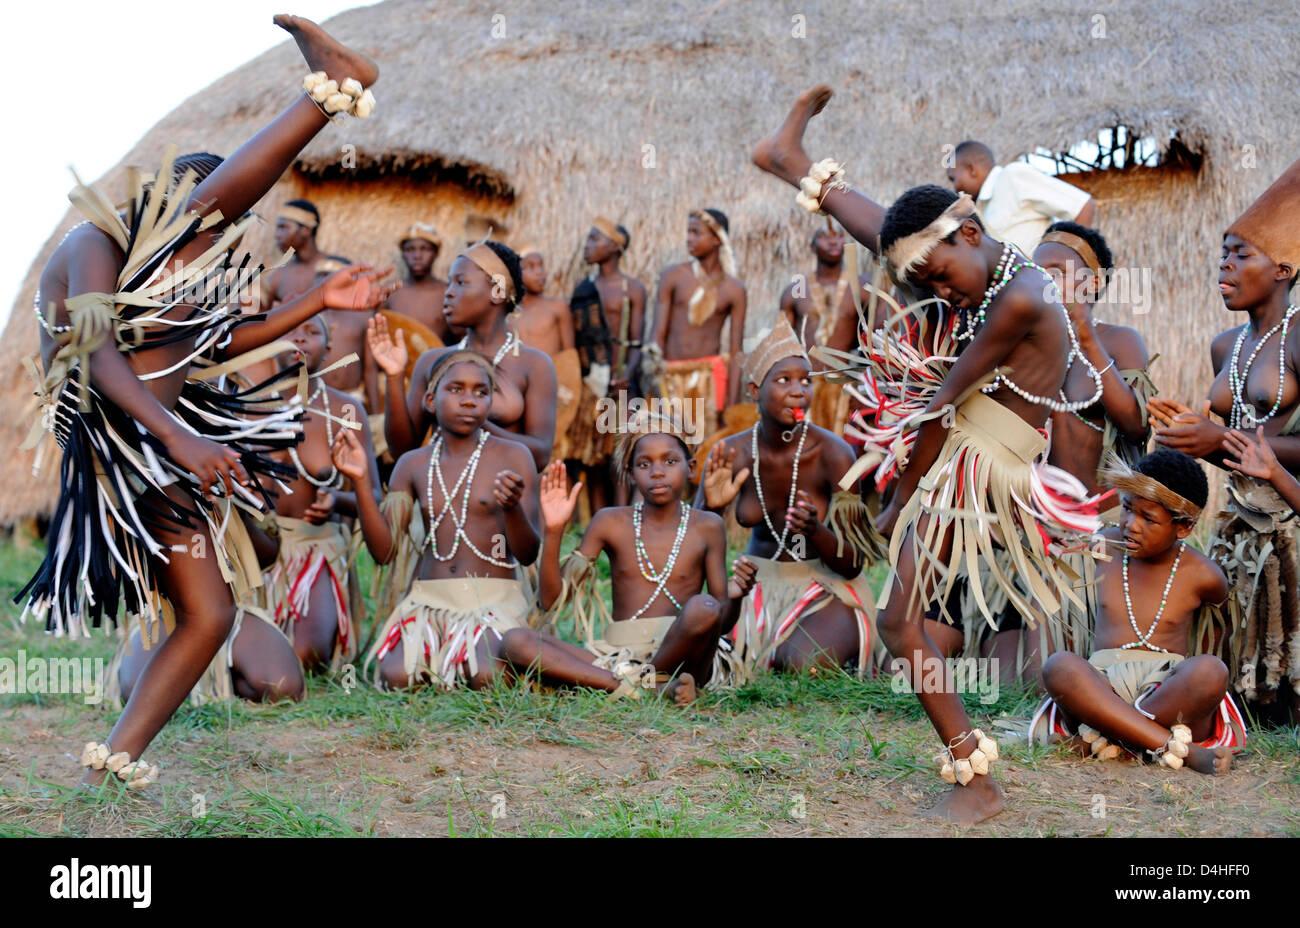 Zulu culture dance  A Guide to Zulu Culture, Traditions, and